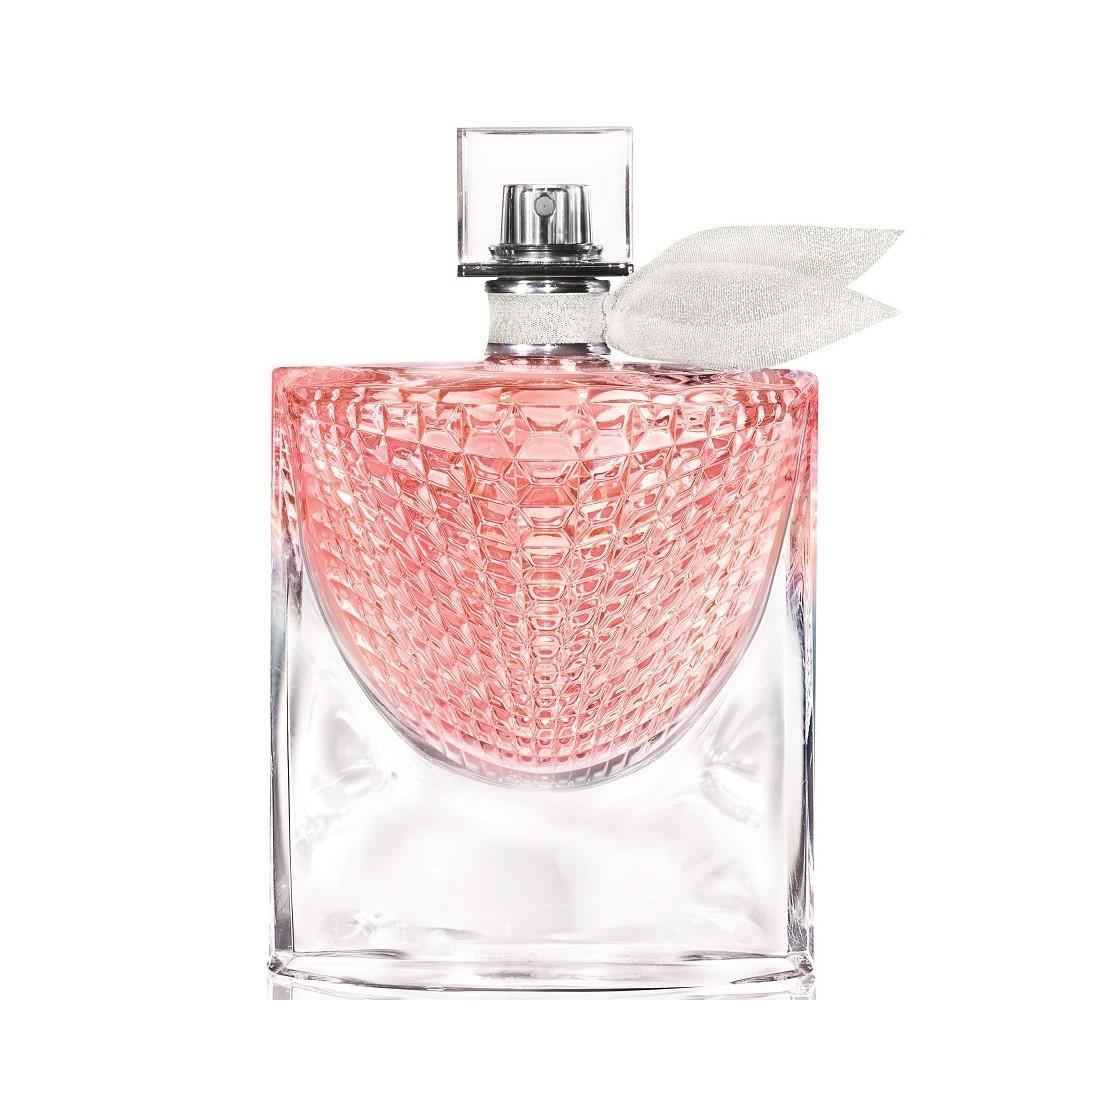 Lancome La Vie Est Belle L'Eclat Eau De Parfum Spray 30 ml - Women Perfumes  - Perfumes